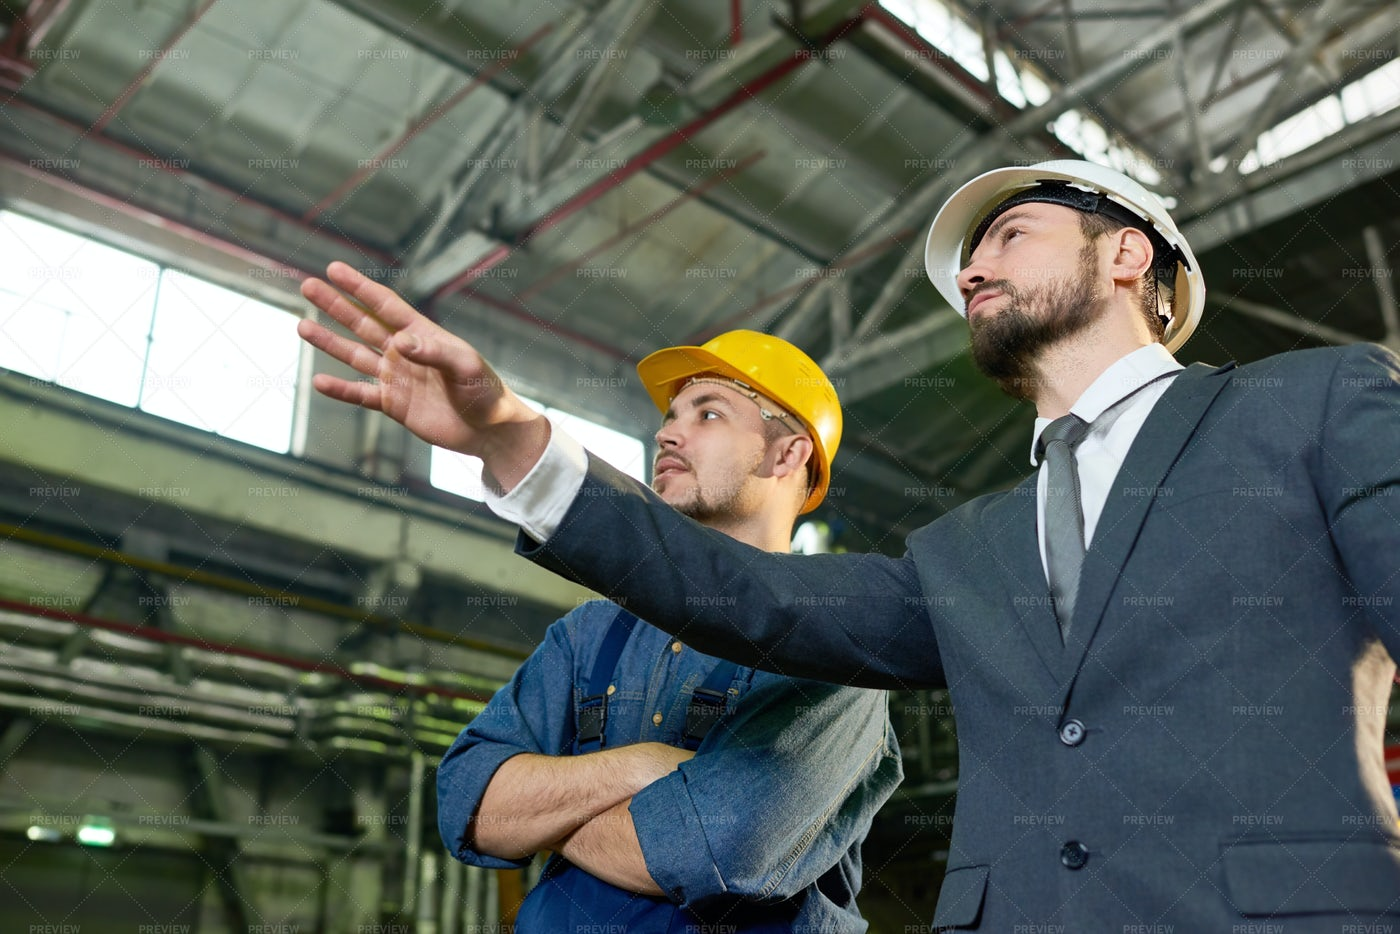 CEO Visiting Factory: Stock Photos